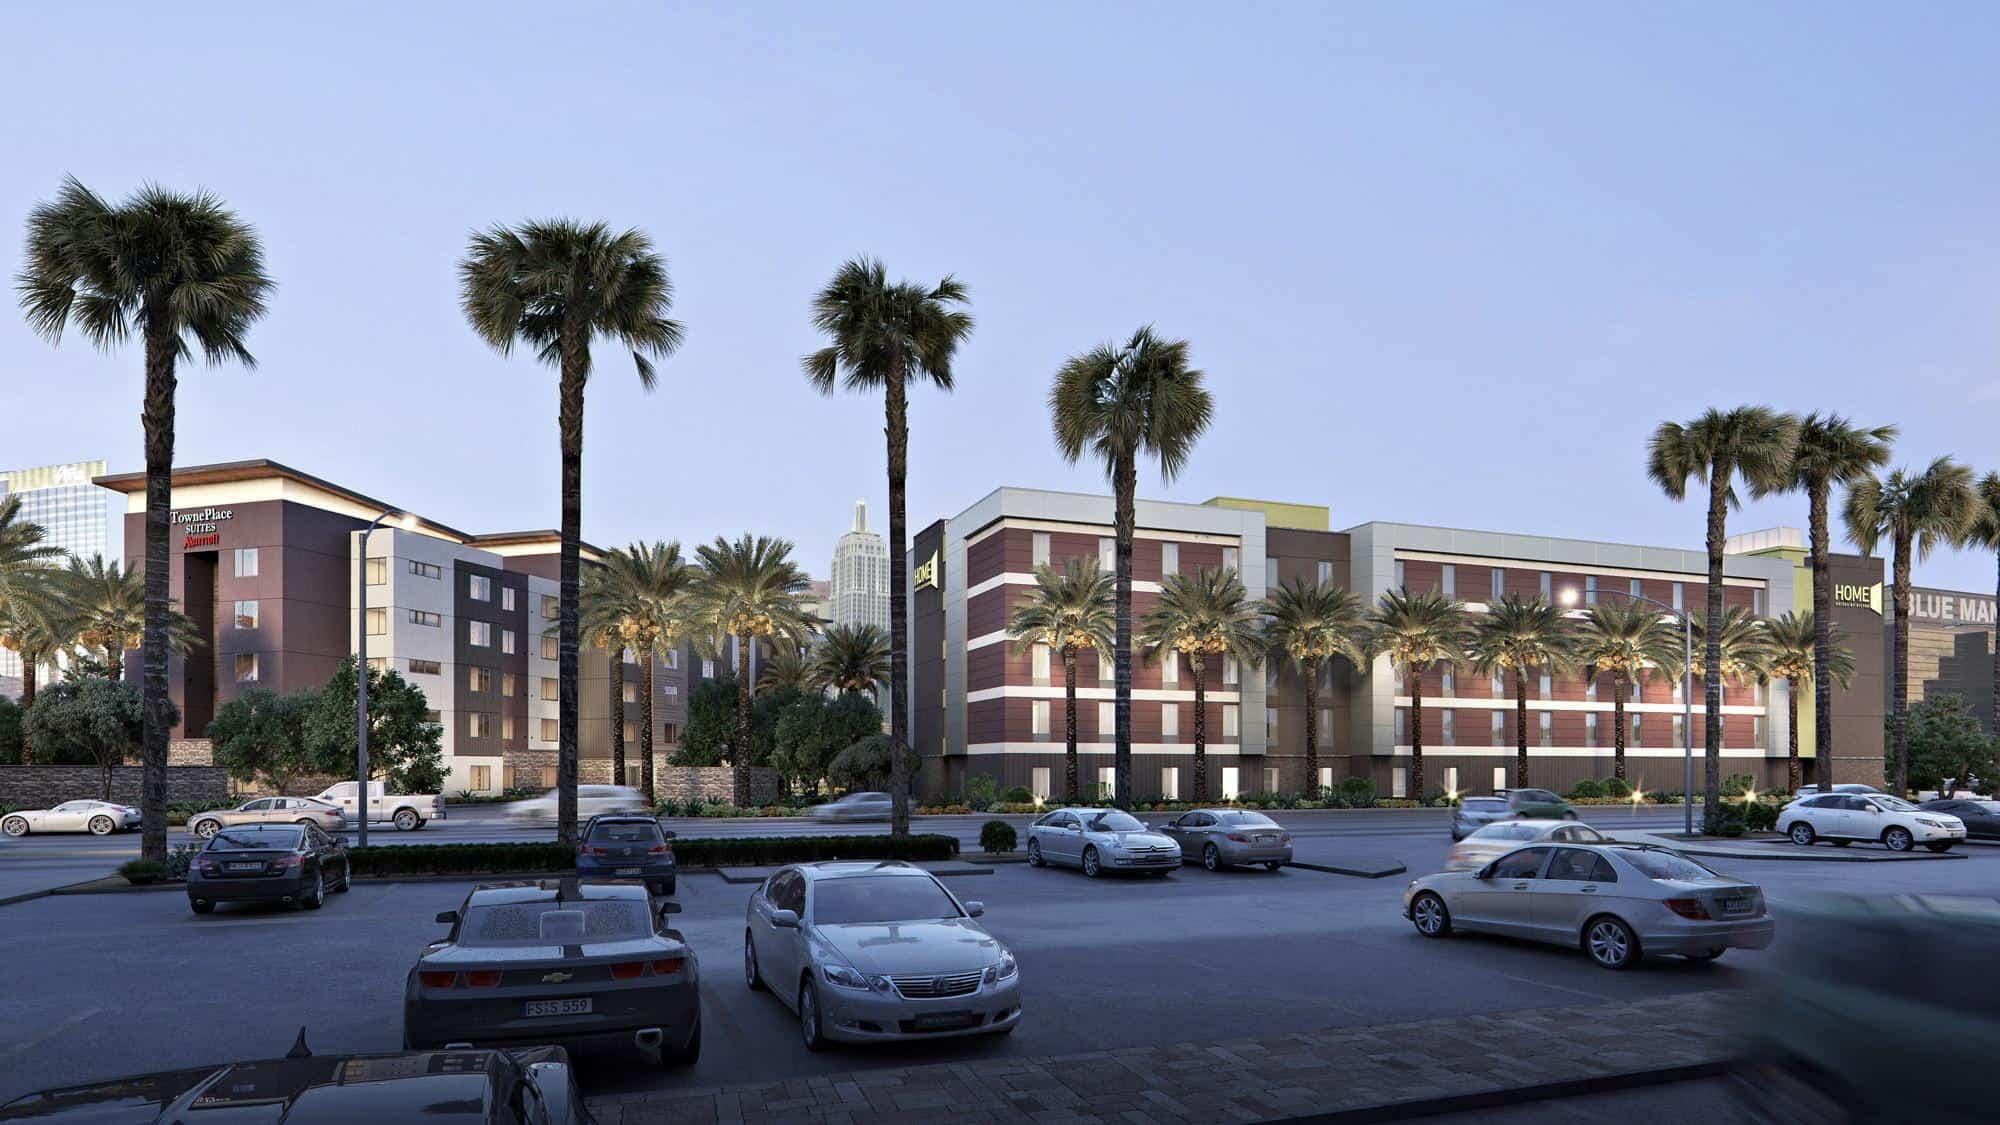 Hilton Home2 Suites viešbutis